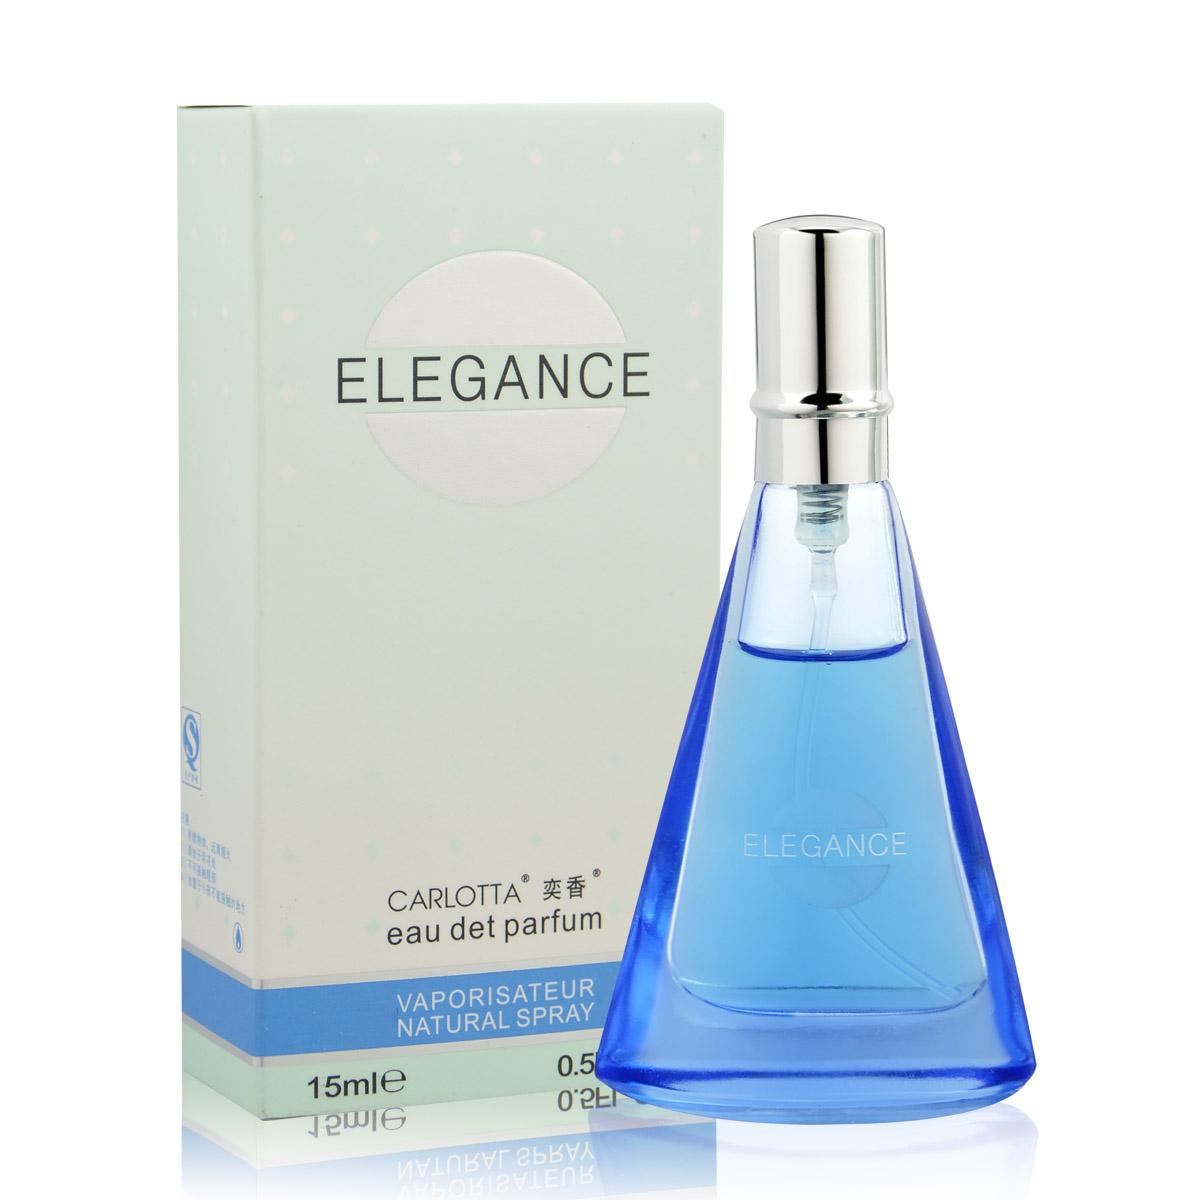 法國女士名麗ELEGANCE香水百合紫羅蘭茉莉檀香持久淡花香香水正品